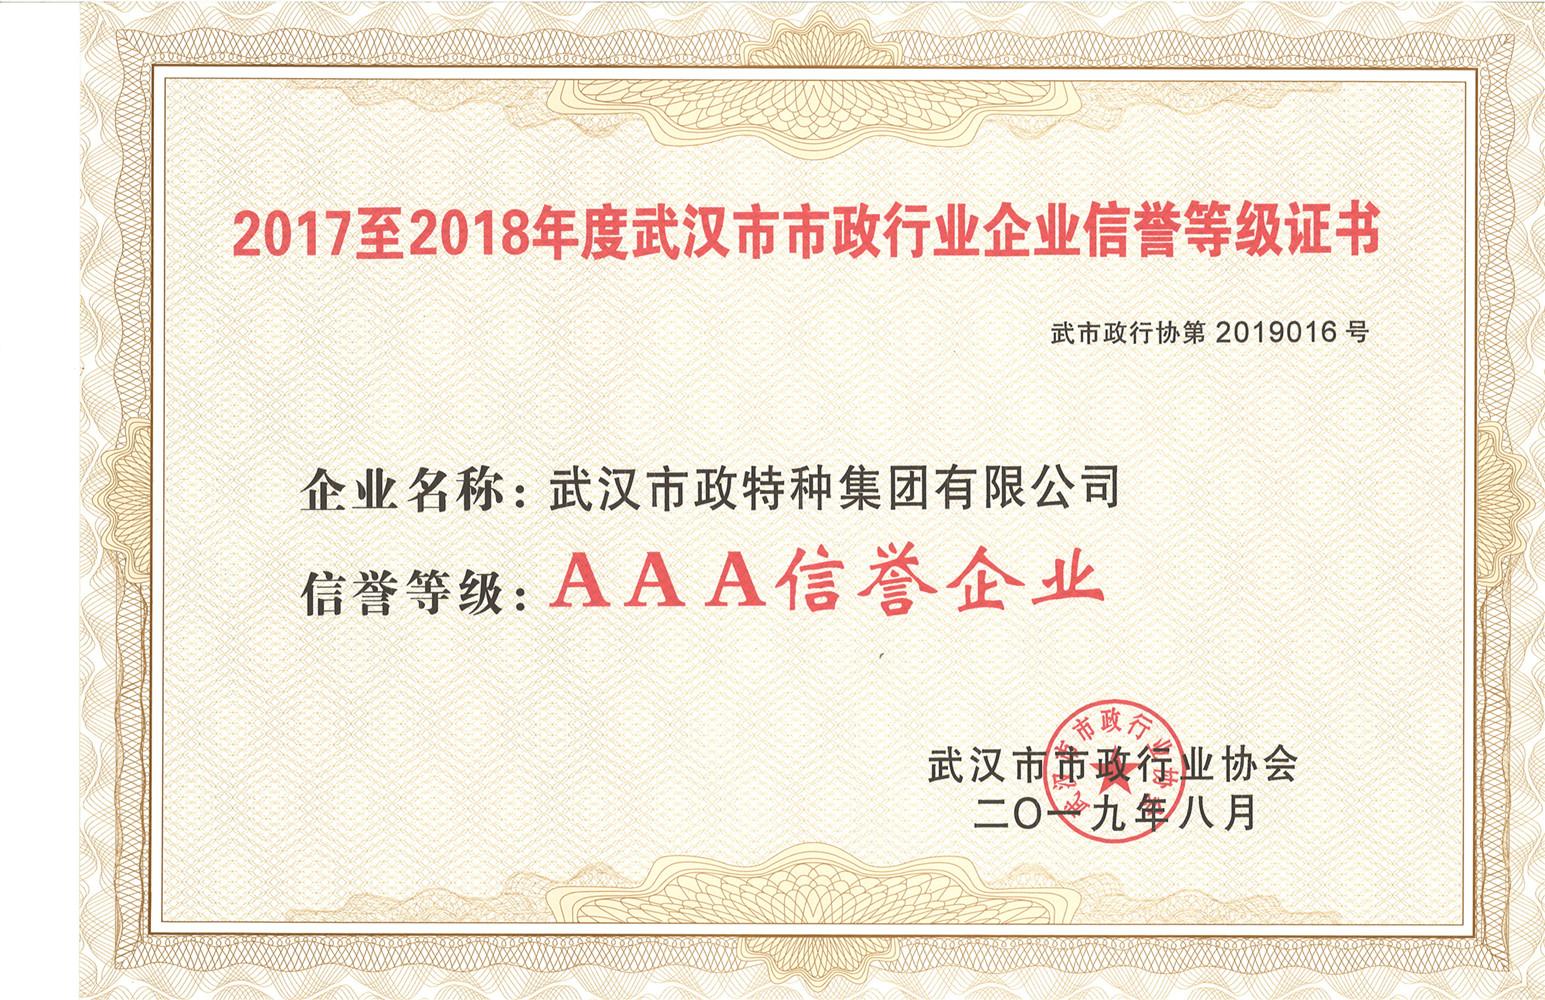 武漢市市政協會AAA信譽企業